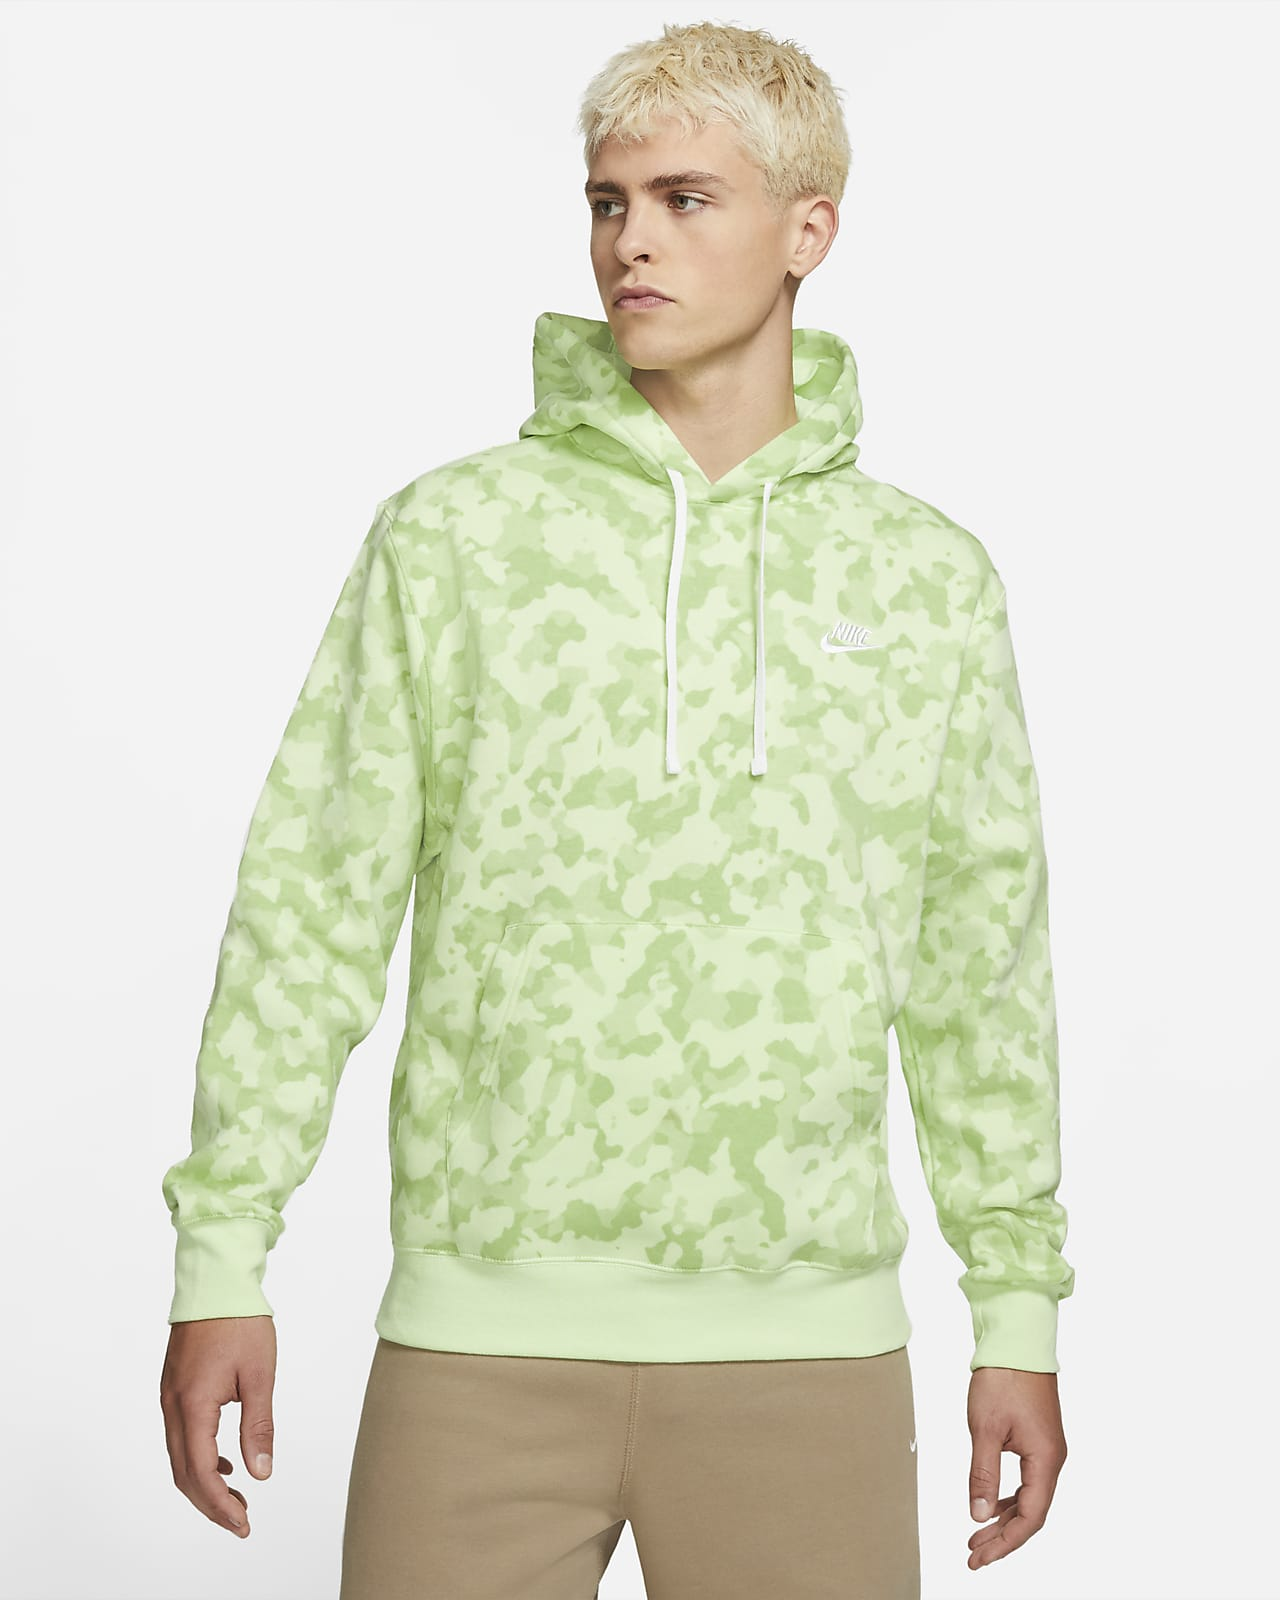 Huvtröja Nike Sportswear Club för män